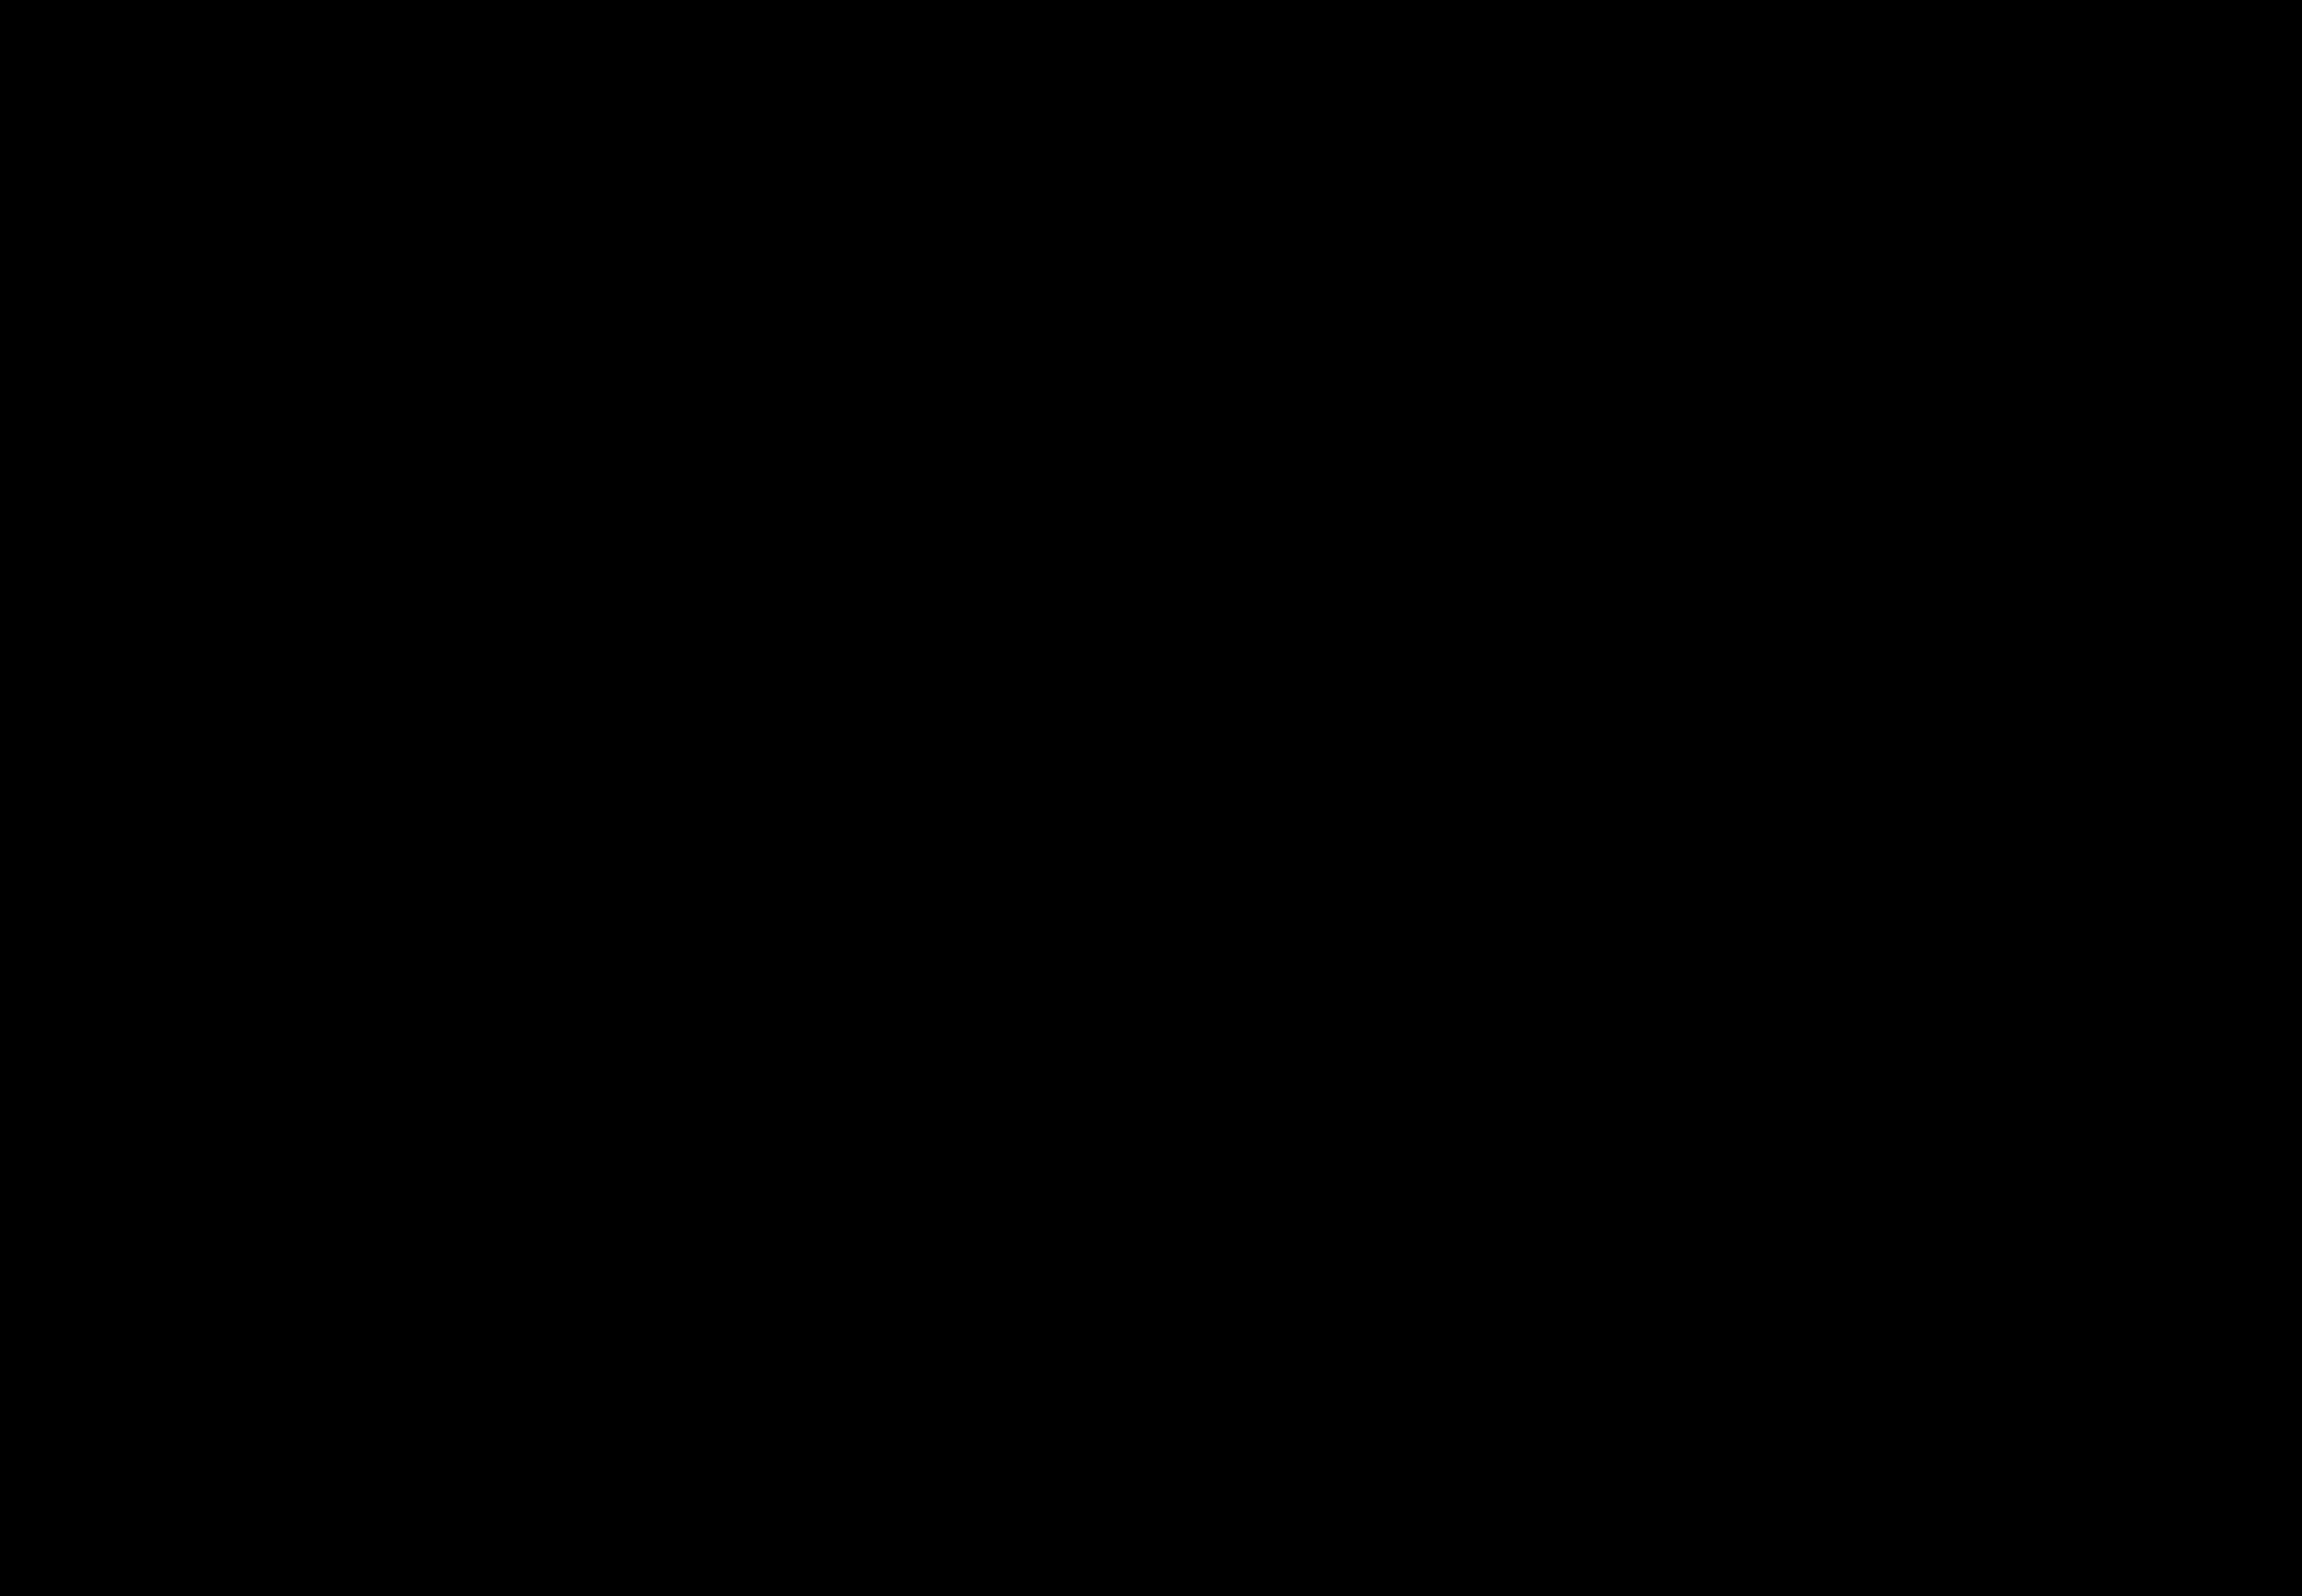 Plan du cadastre napoléonien - Atlas cantonal - Belloy-en-Santerre (Belloy) : tableau d'assemblage